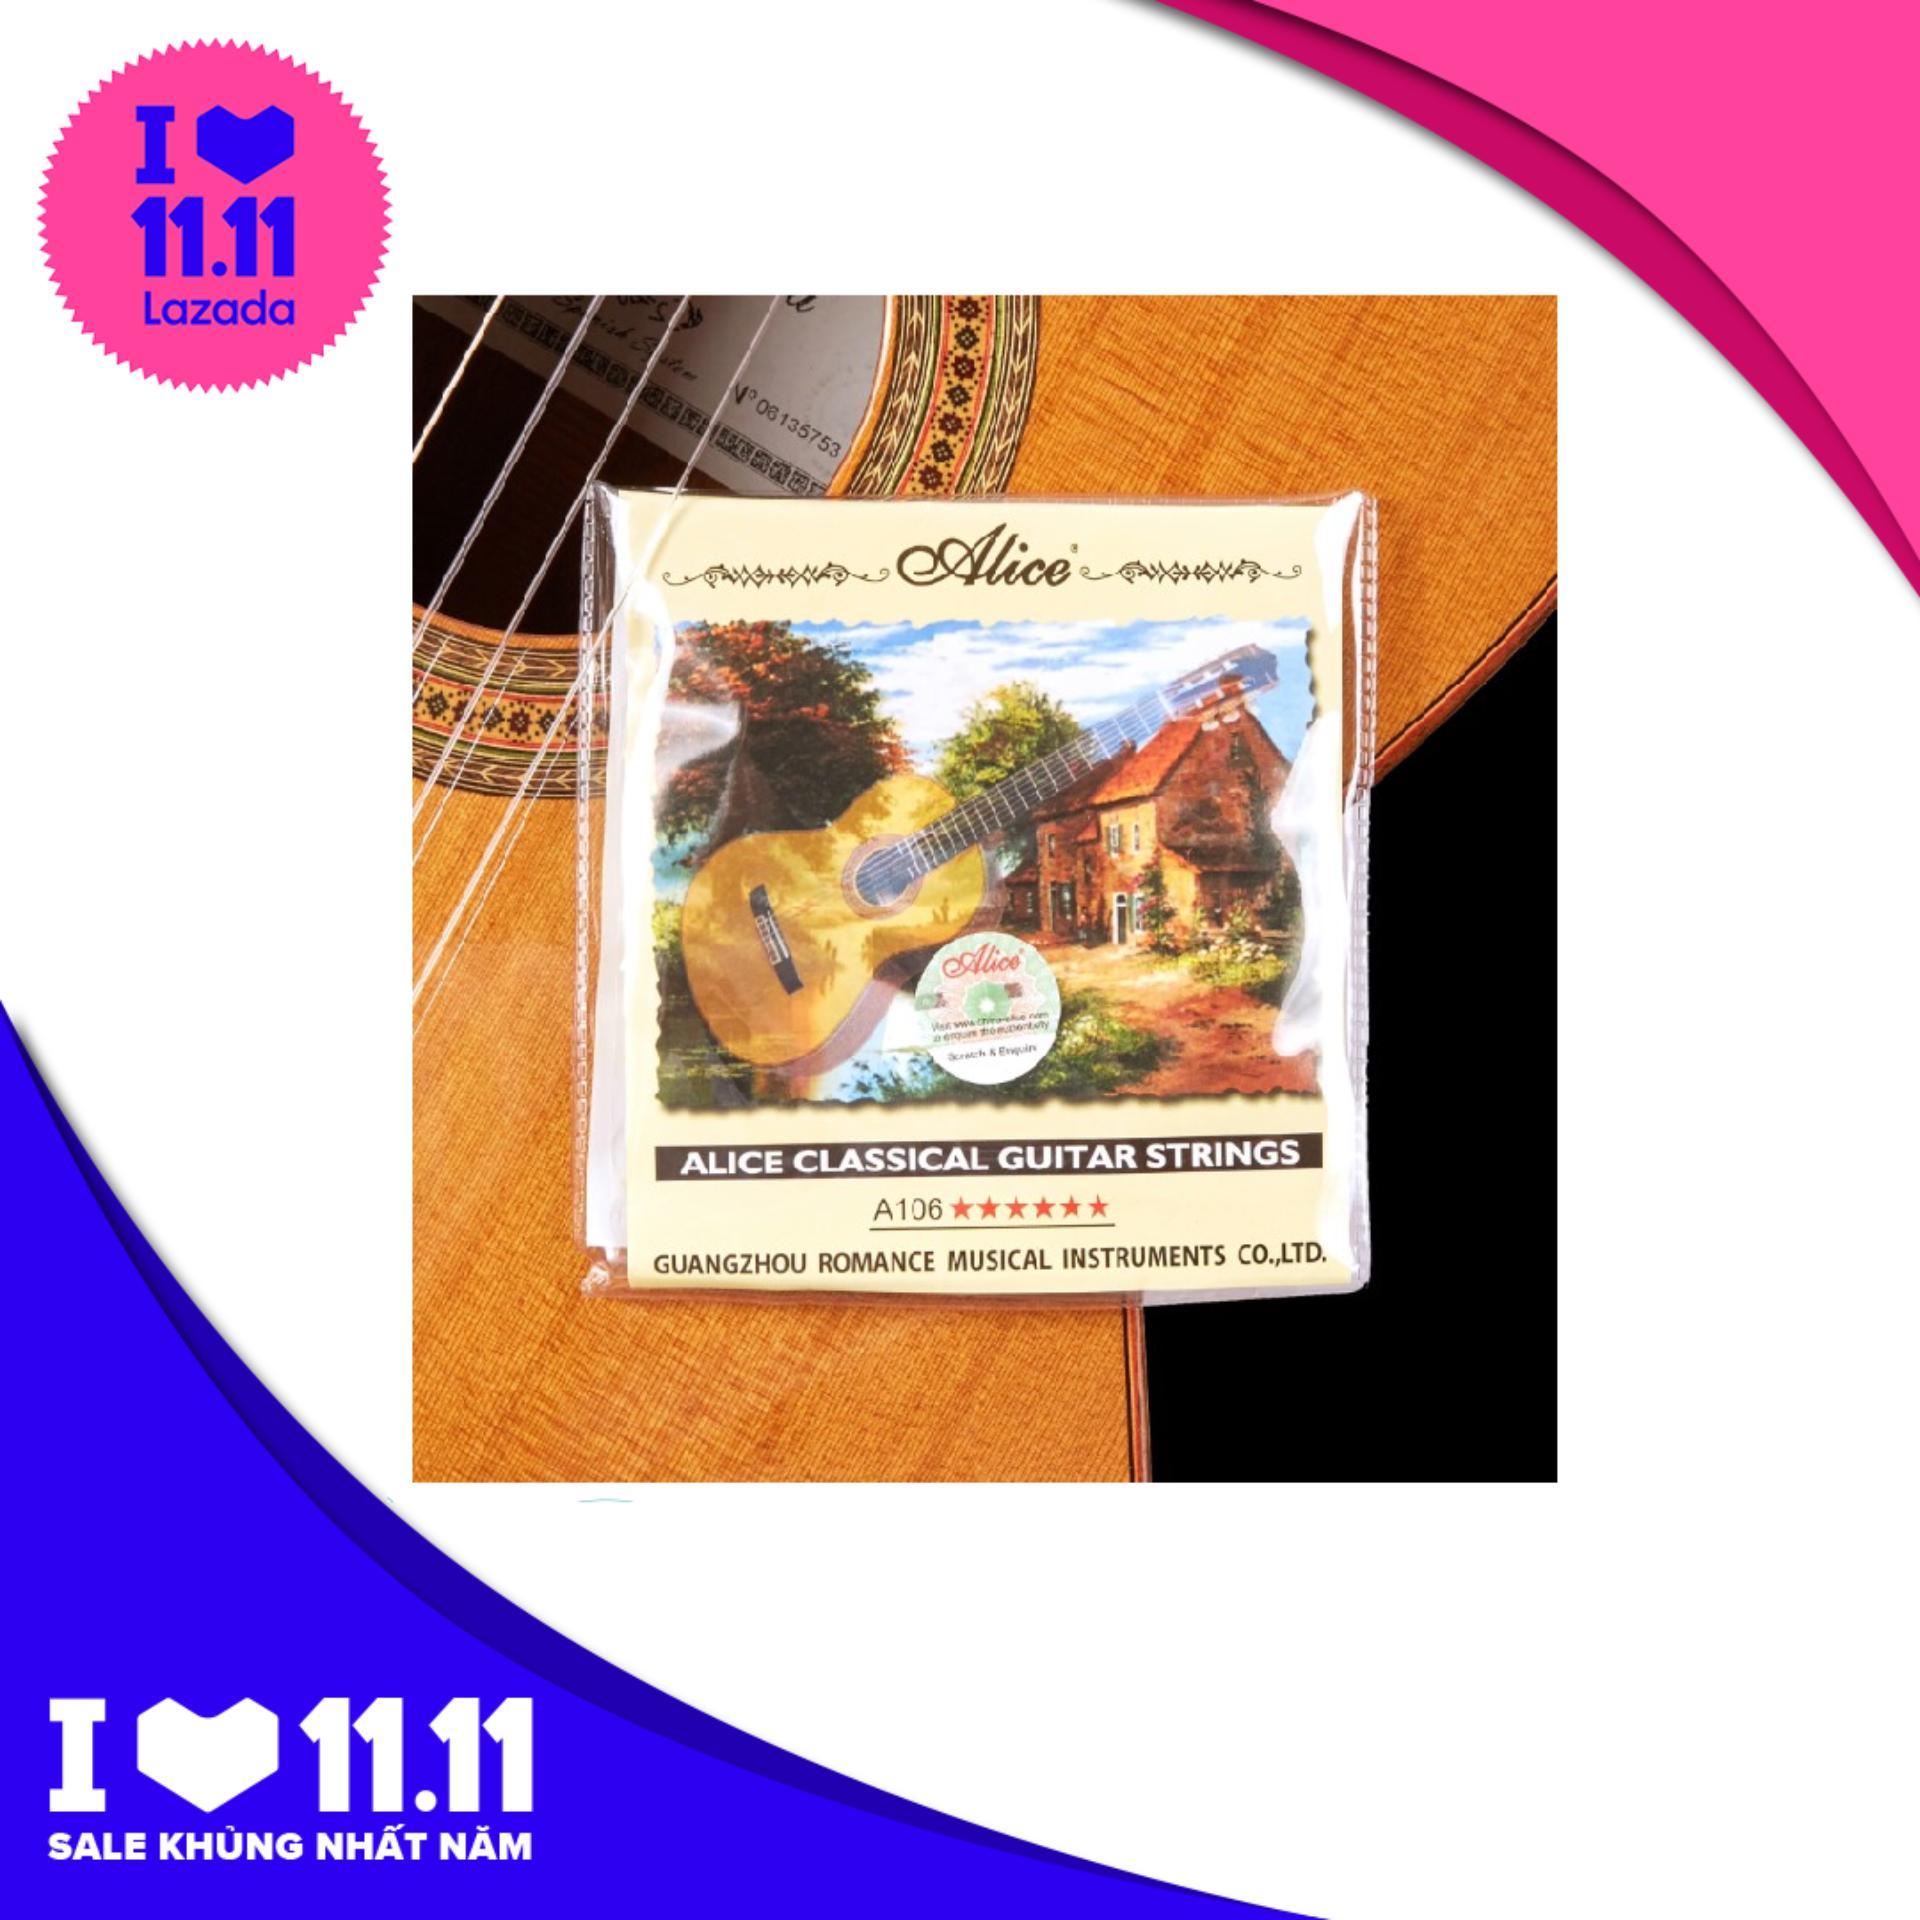 Dây đàn Guitar Classic Alice 106 (bộ 6 Dây + Phím) Giá Cực Cool